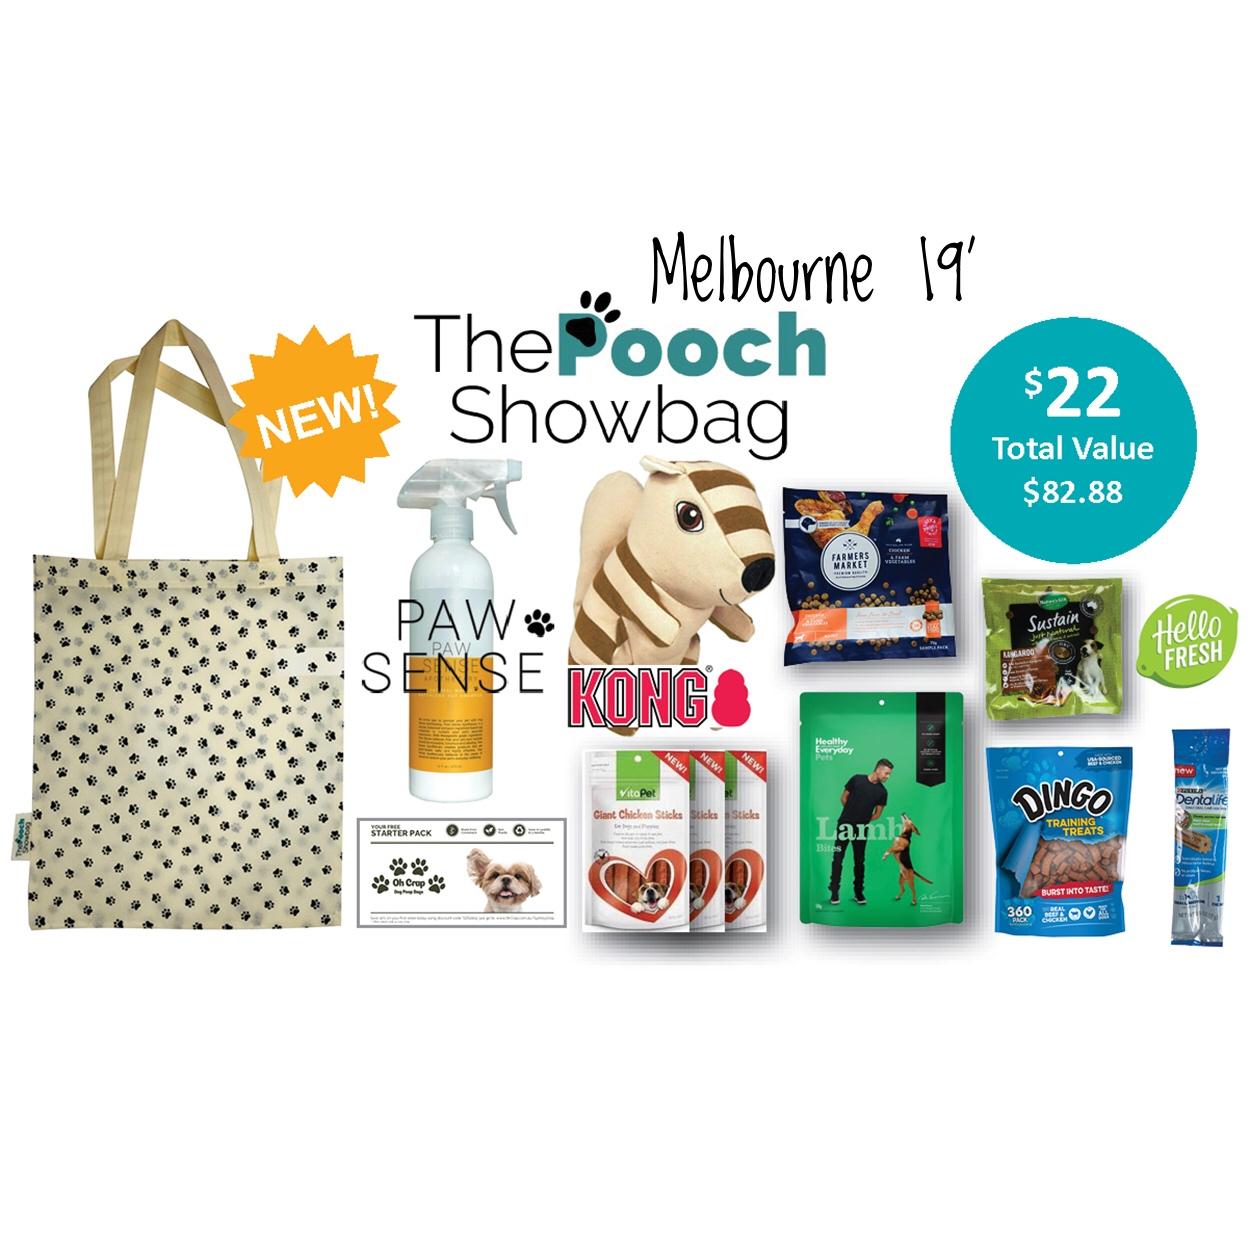 The Pooch Showbag - Melbourne 19'